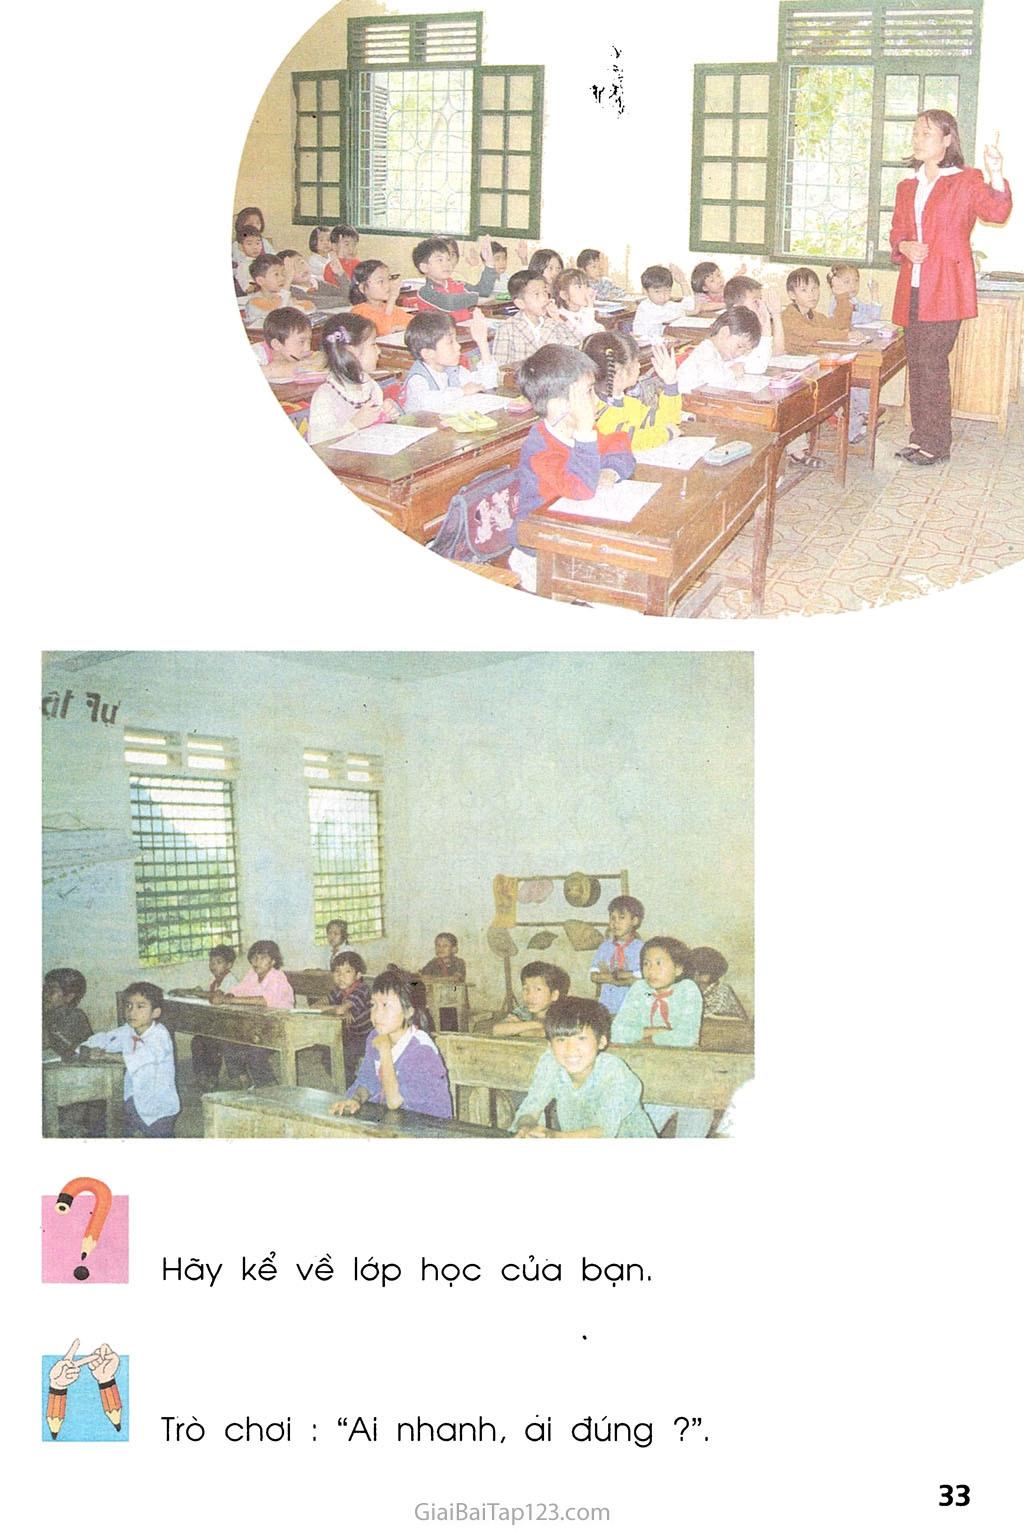 Bài 15. Lớp học trang 2